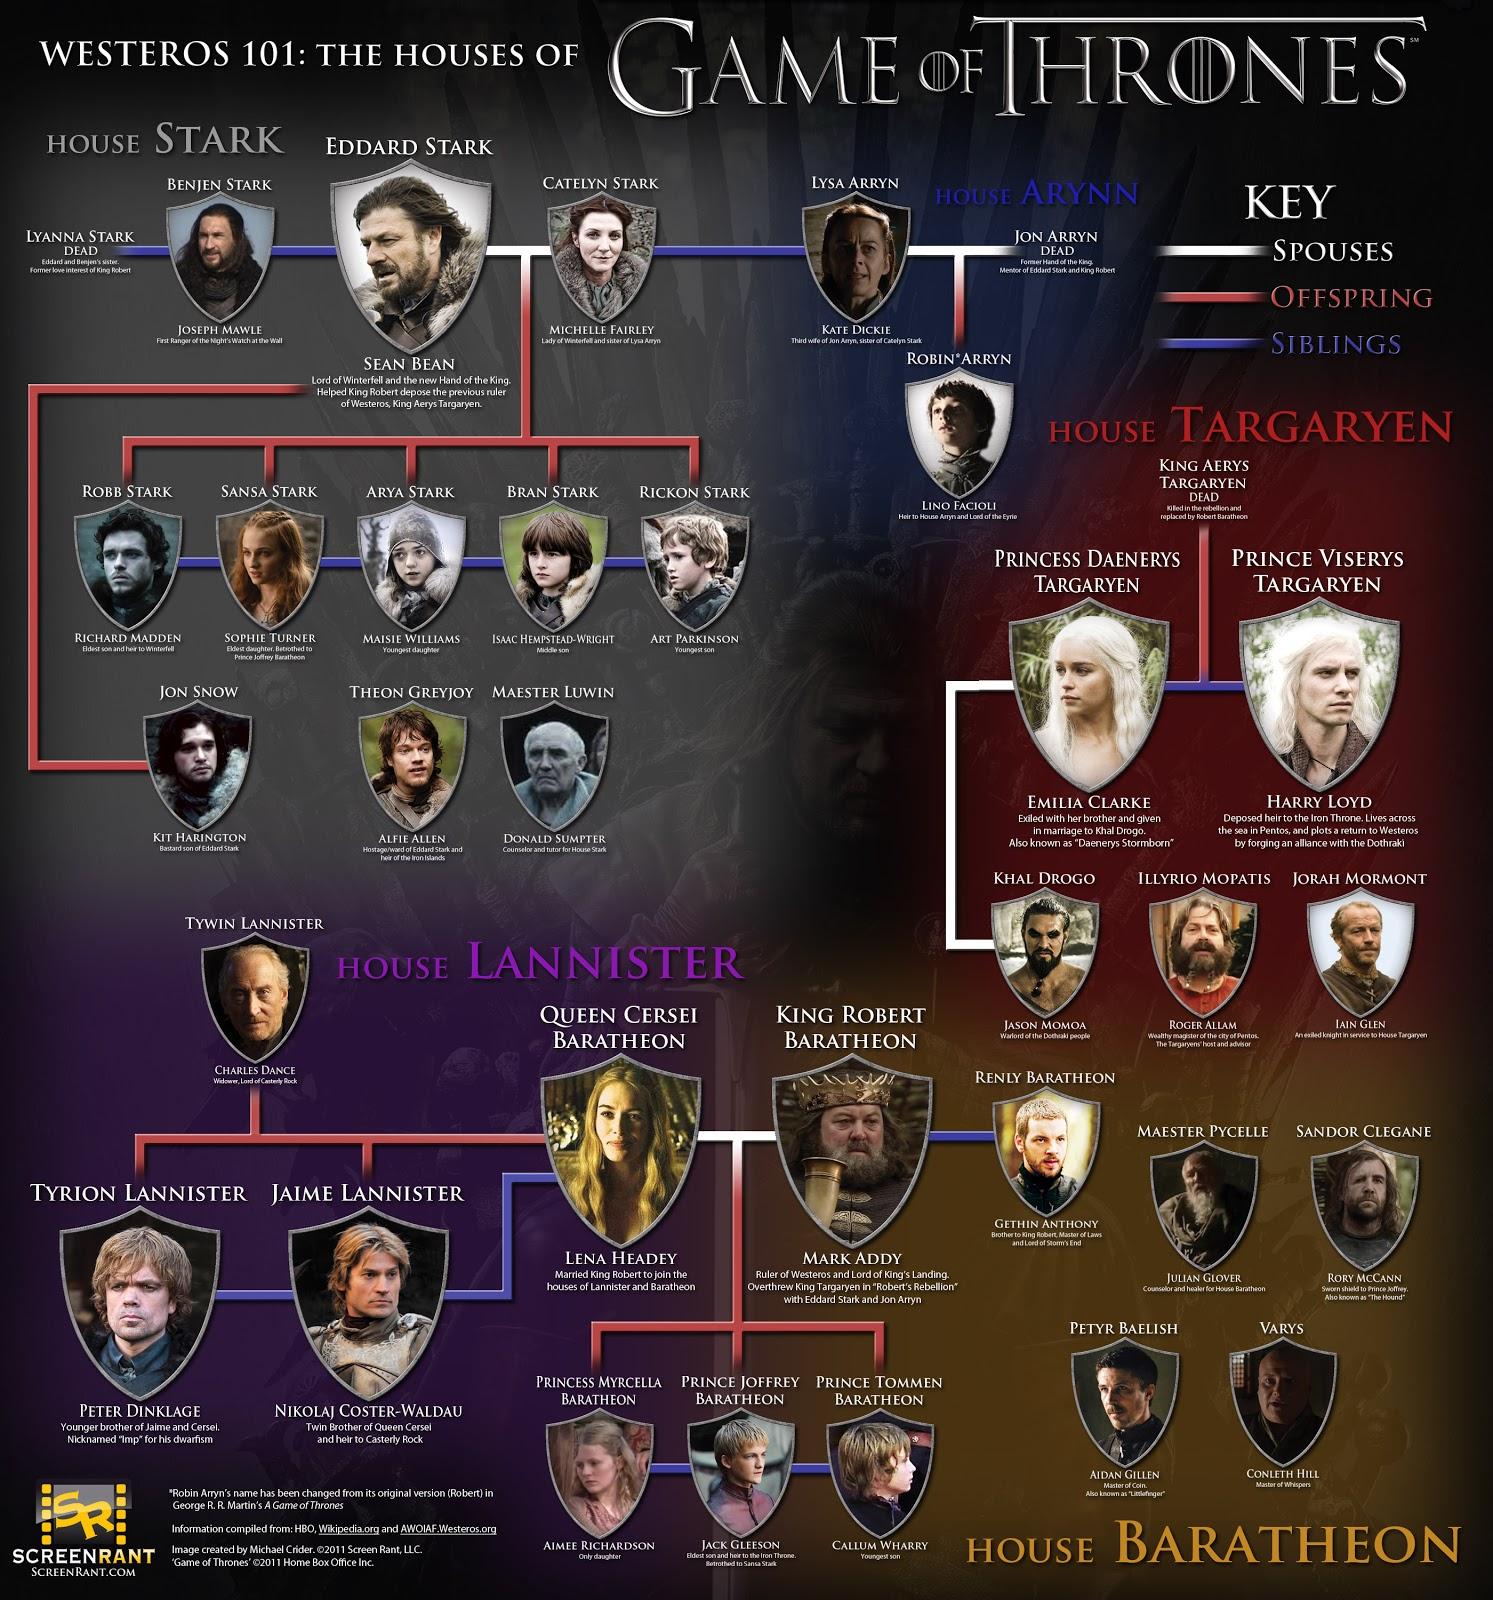 Juego de Tronos Kt-game-of-thrones-westeros-lineage